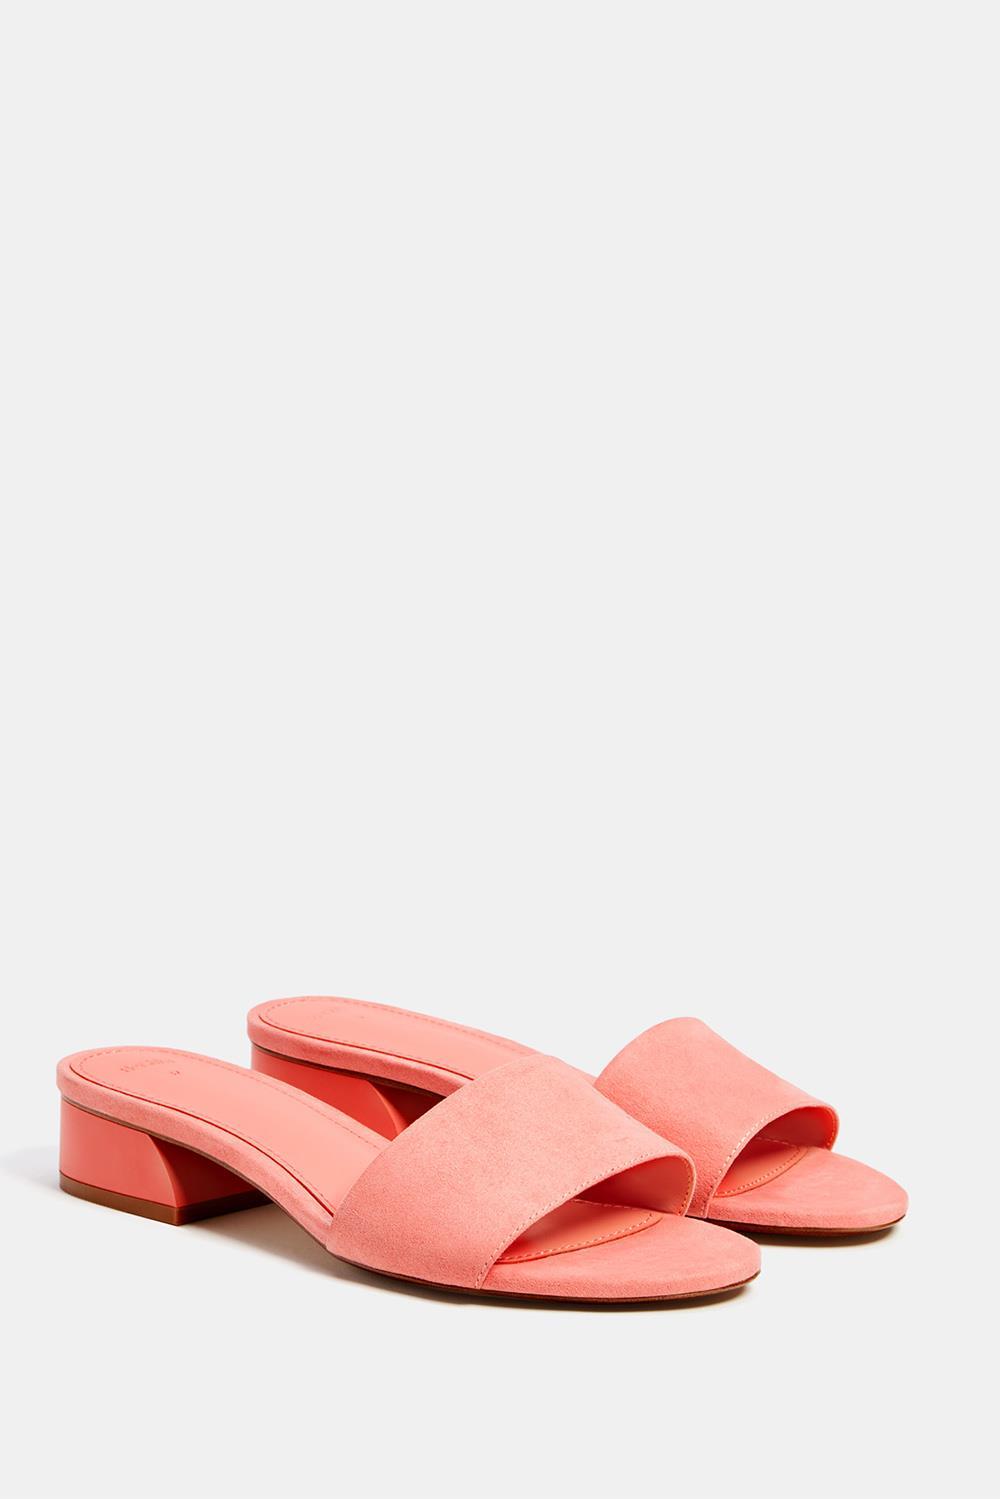 7d582182 Las sandalias más bonitas por menos de 15 euros